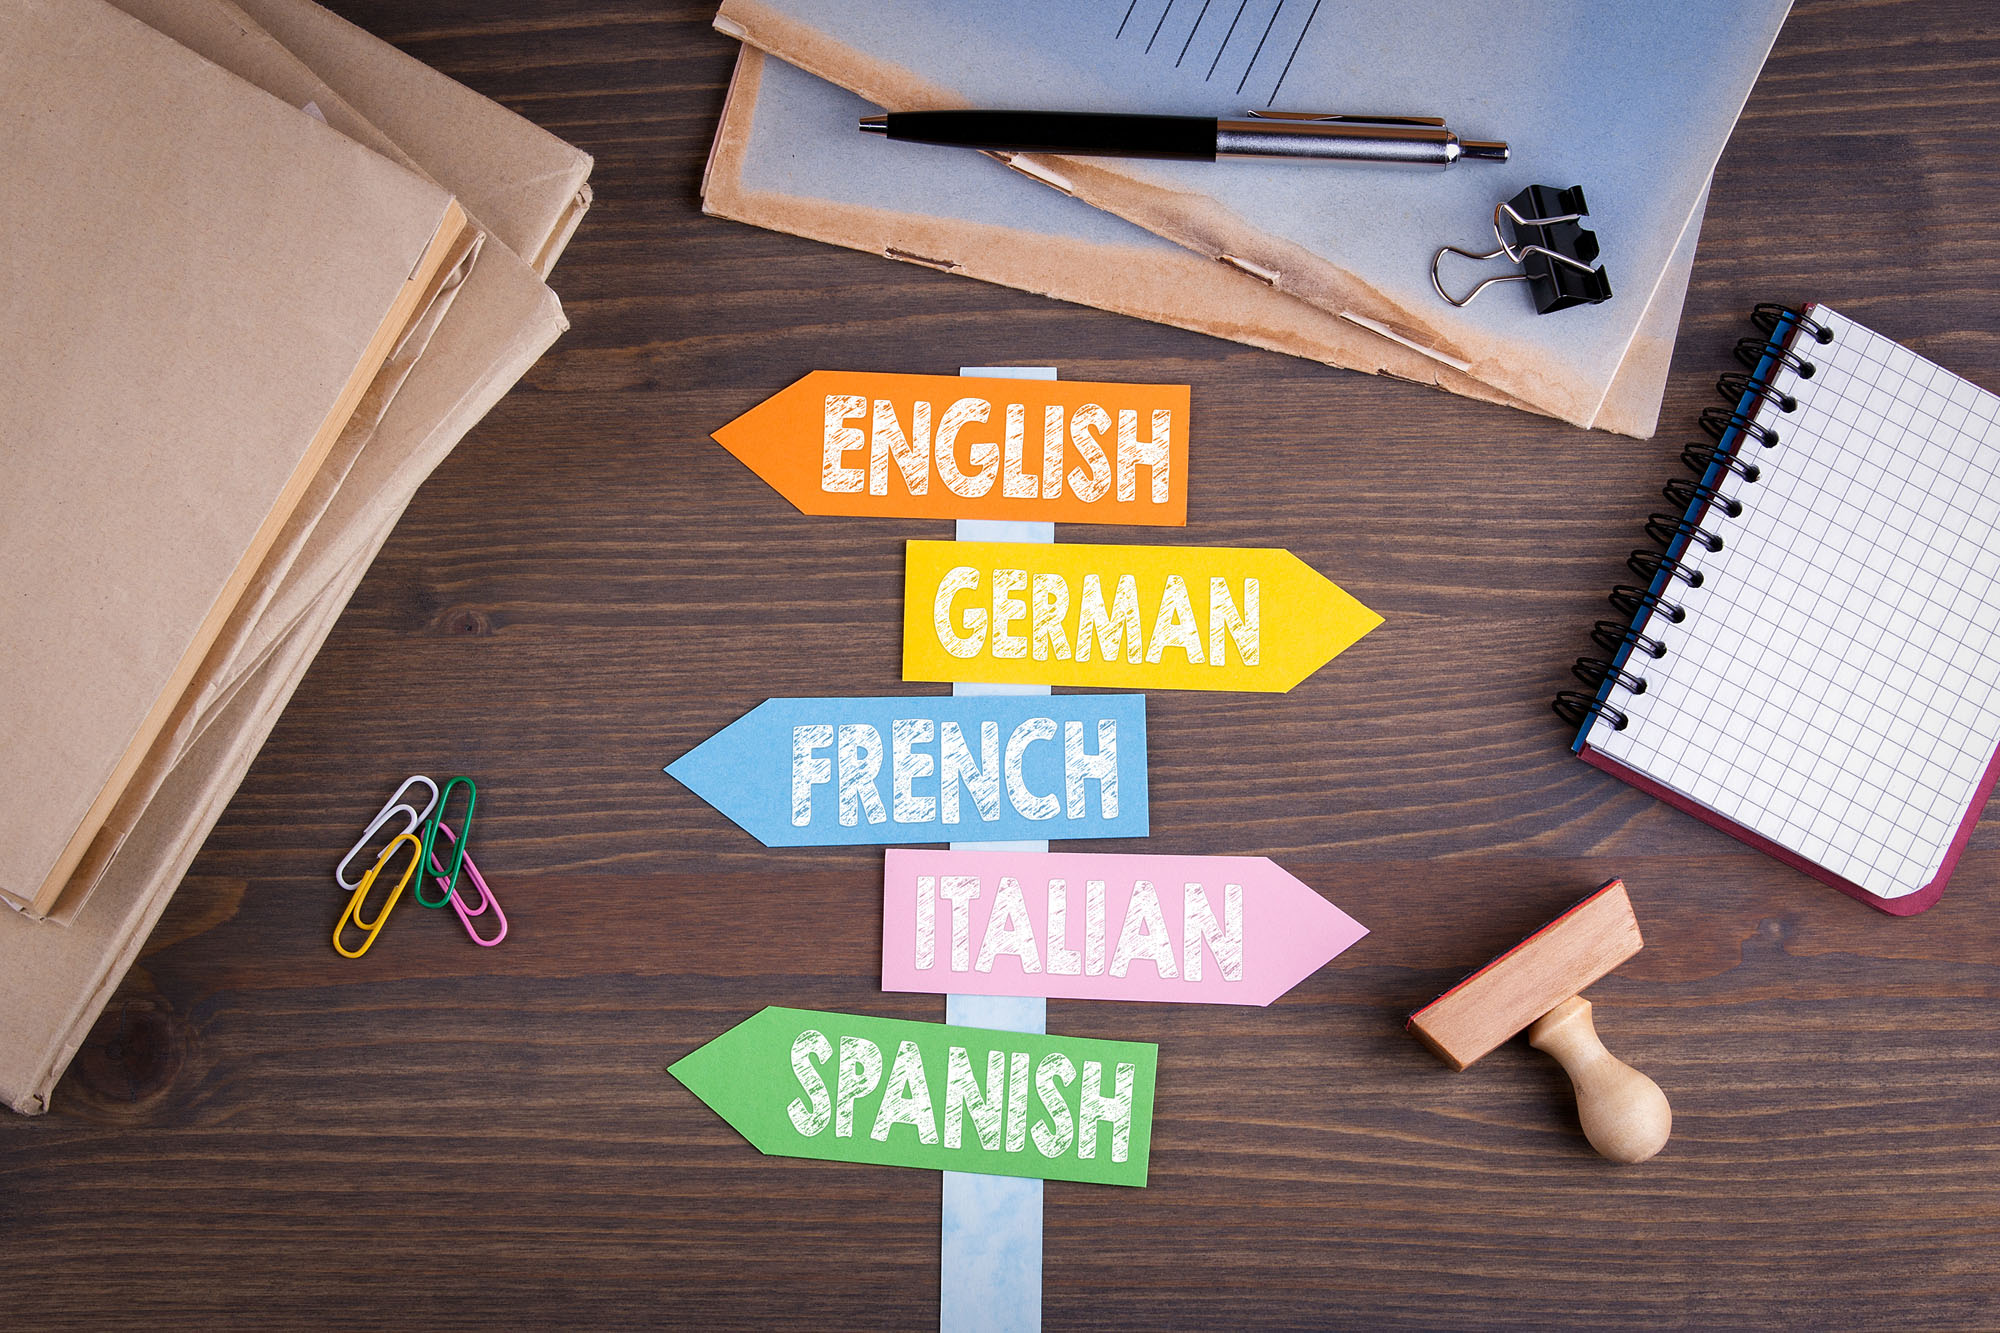 Internationale Fachkommunikation und Übersetzen